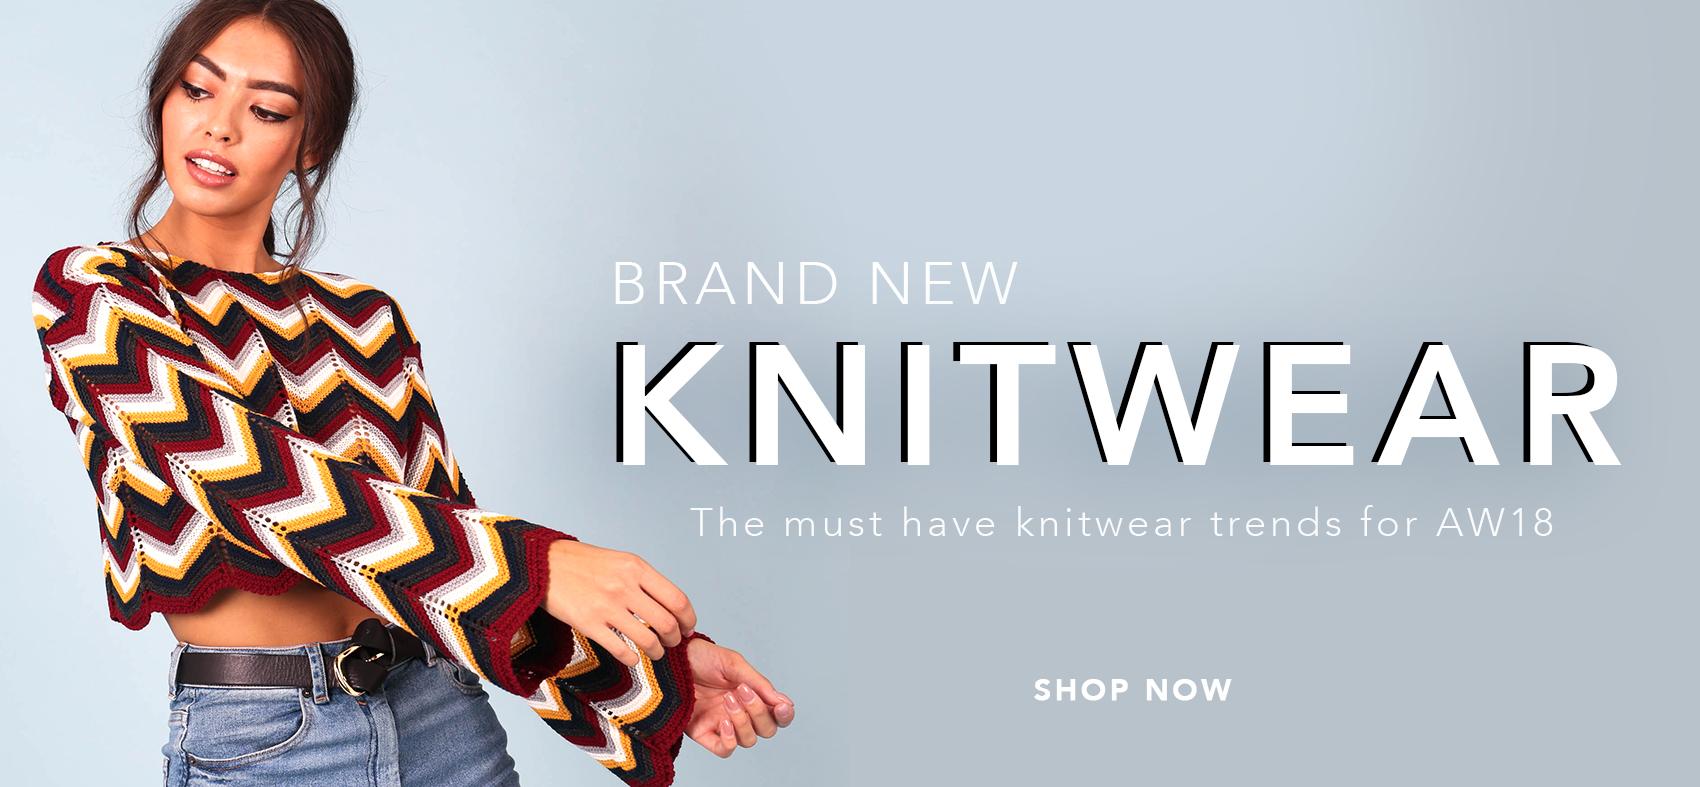 knitwear.jpg